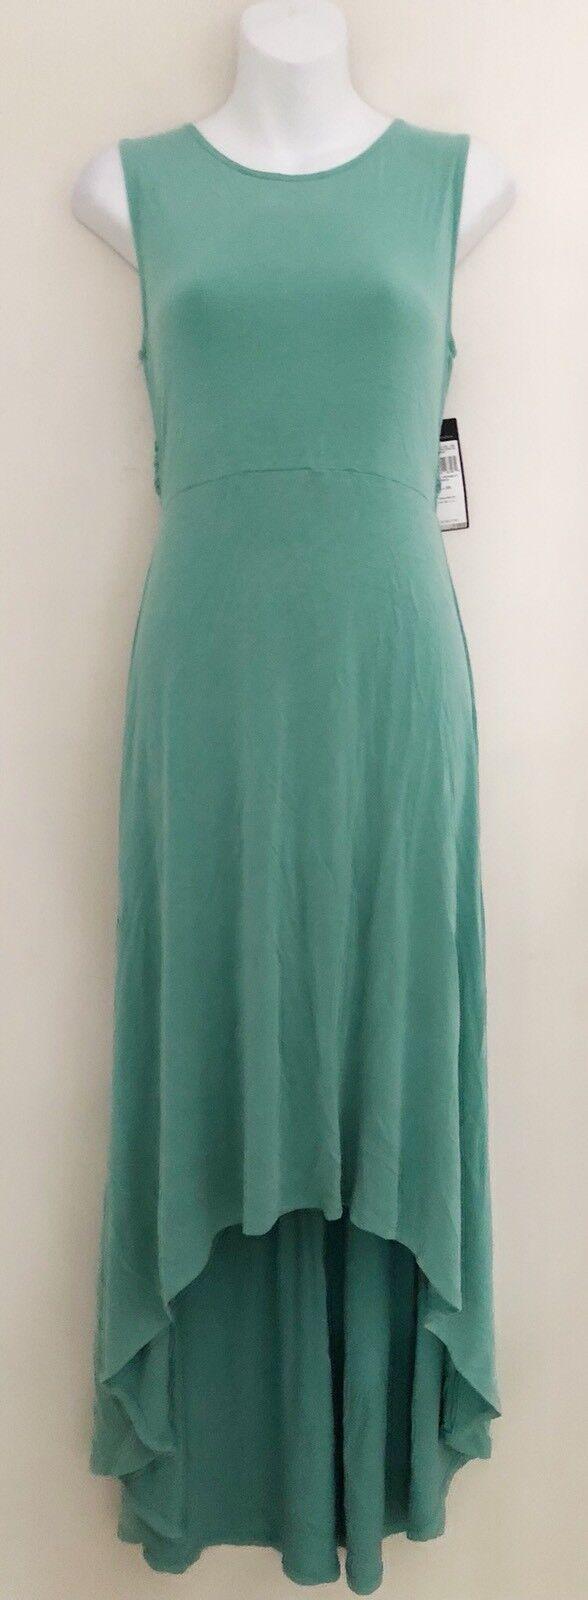 US NWT BCBG MAXAZRIA damen Fara Dress Sz XS Sleeveless Grün Hi Low Stretch